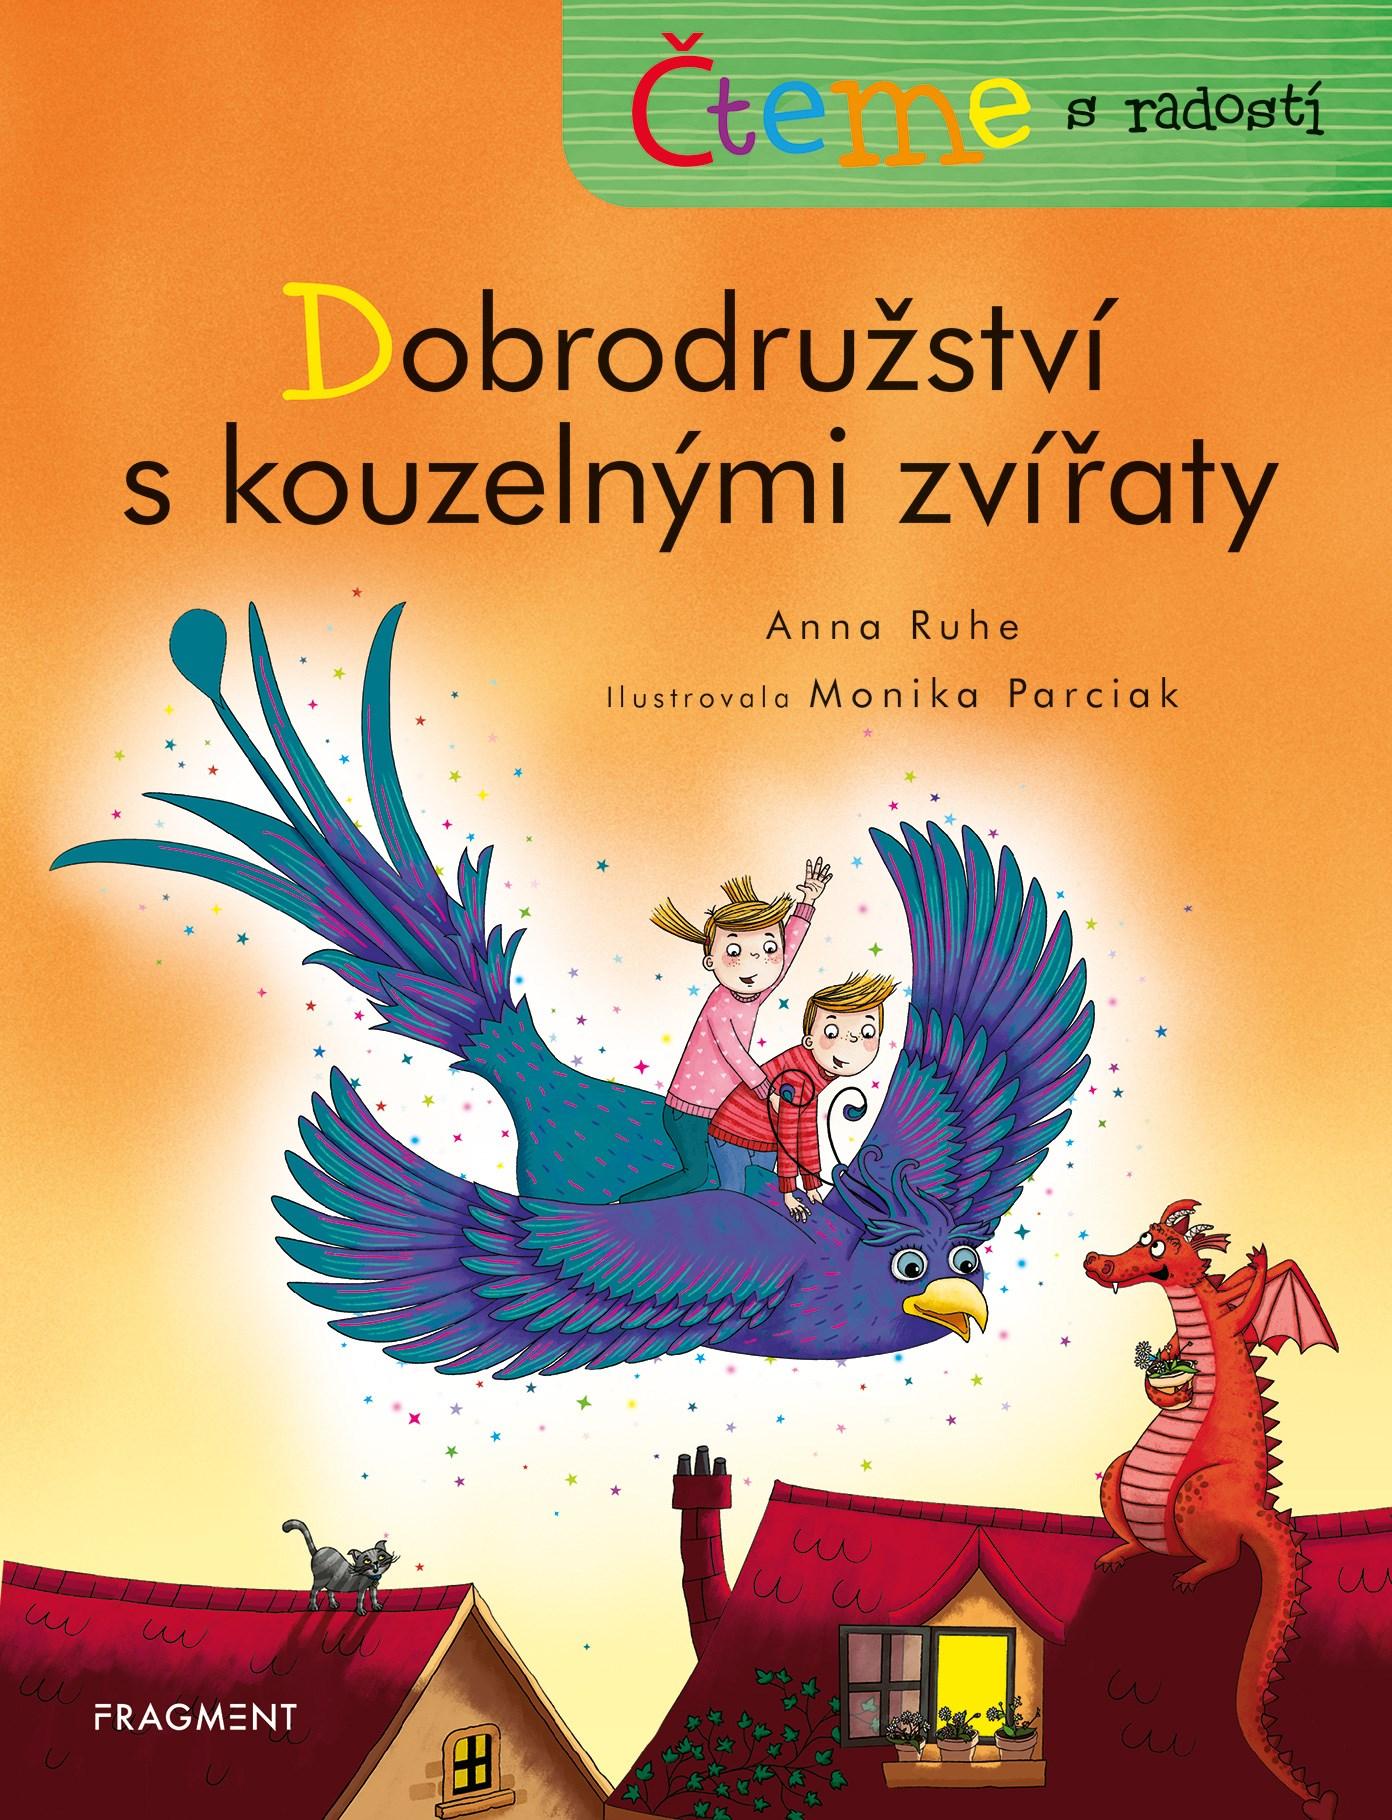 Fragment Čteme s radostí – Dobrodružství s kouzelnými zvířaty - Anna Ruhe